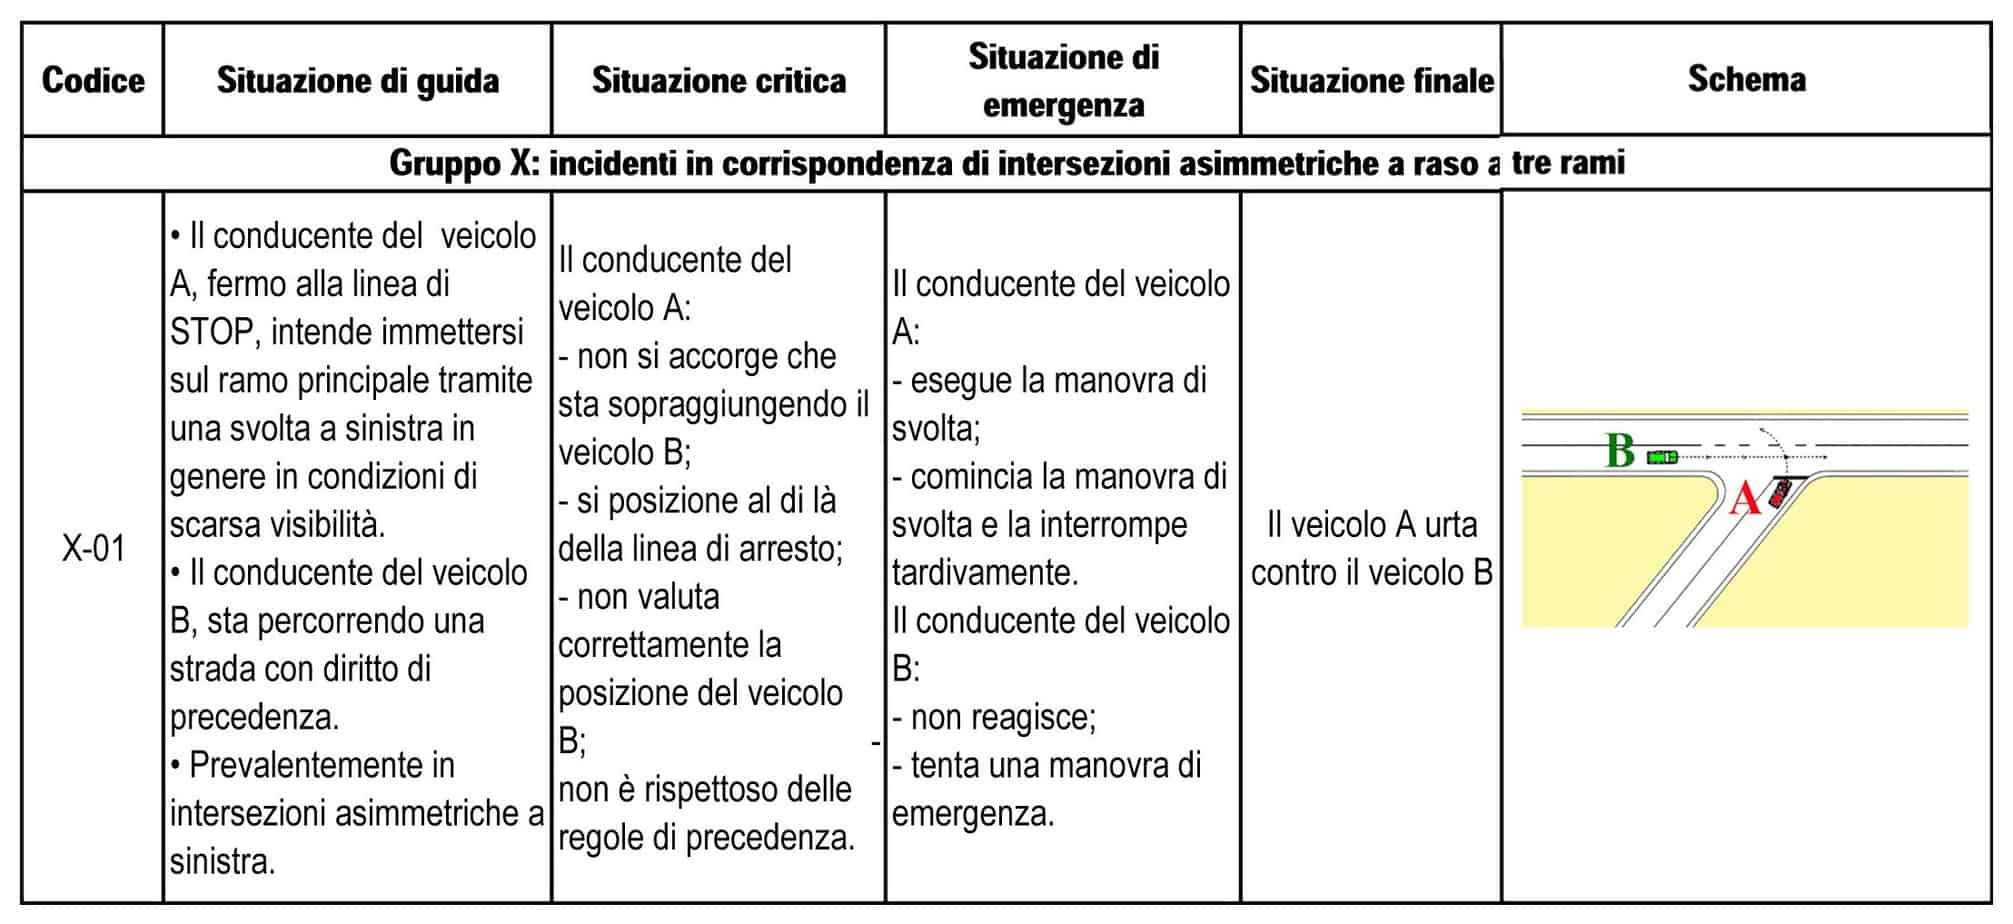 Lo scenario critico per l'intersezione analizzata